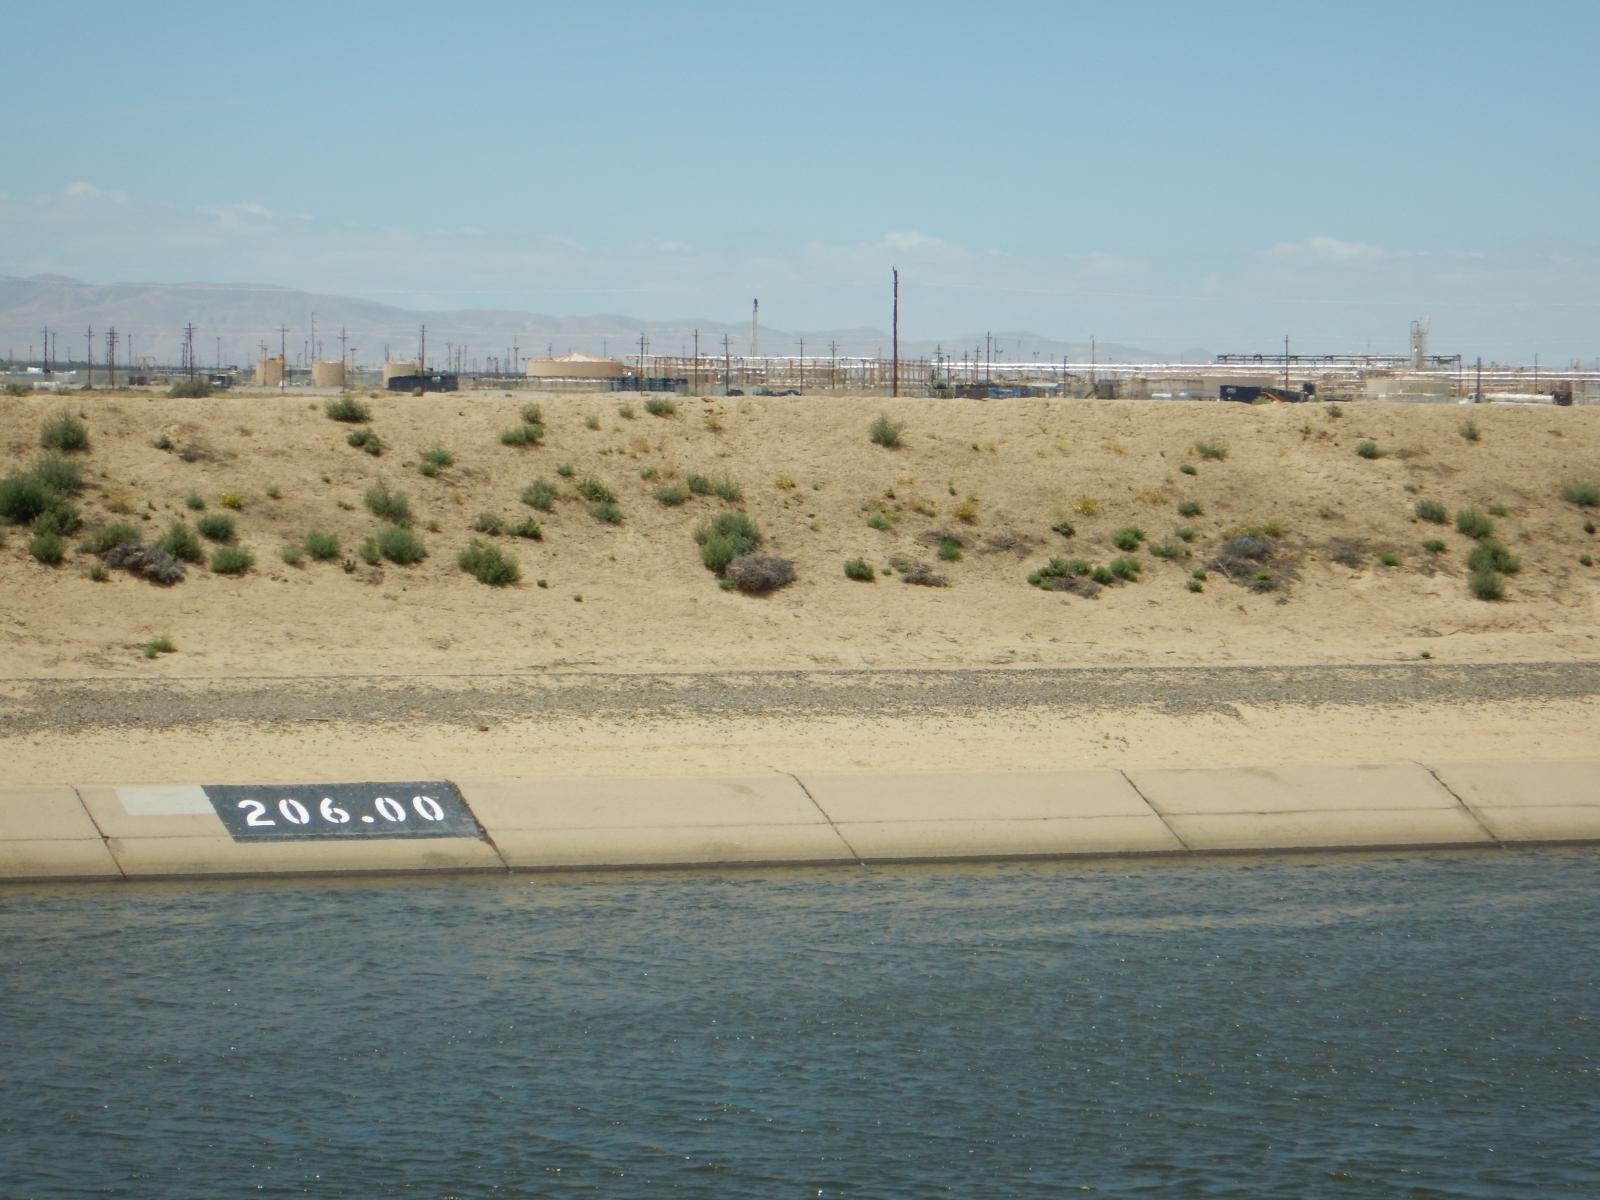 california aquaduct Lost Hills Oil Field